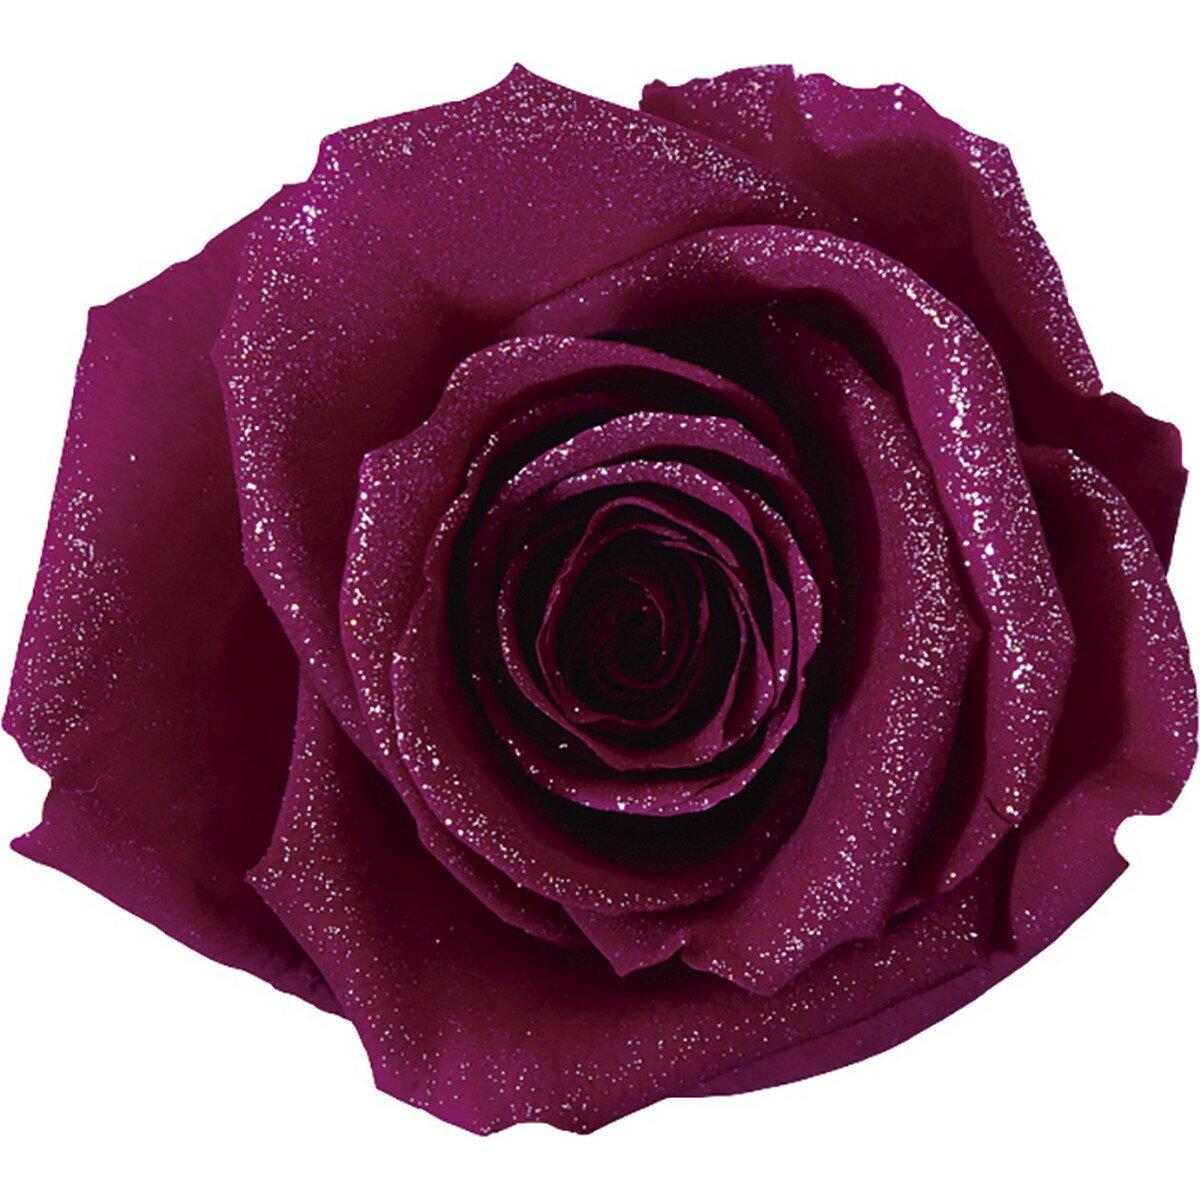 【プリザーブド】アモローサ/ダイヤモンドローズ 3輪 リッチプラム/1107-52【01】【01】【取寄】《 プリザーブドフラワー プリザーブドフラワー花材 バラ(ローズ) 》